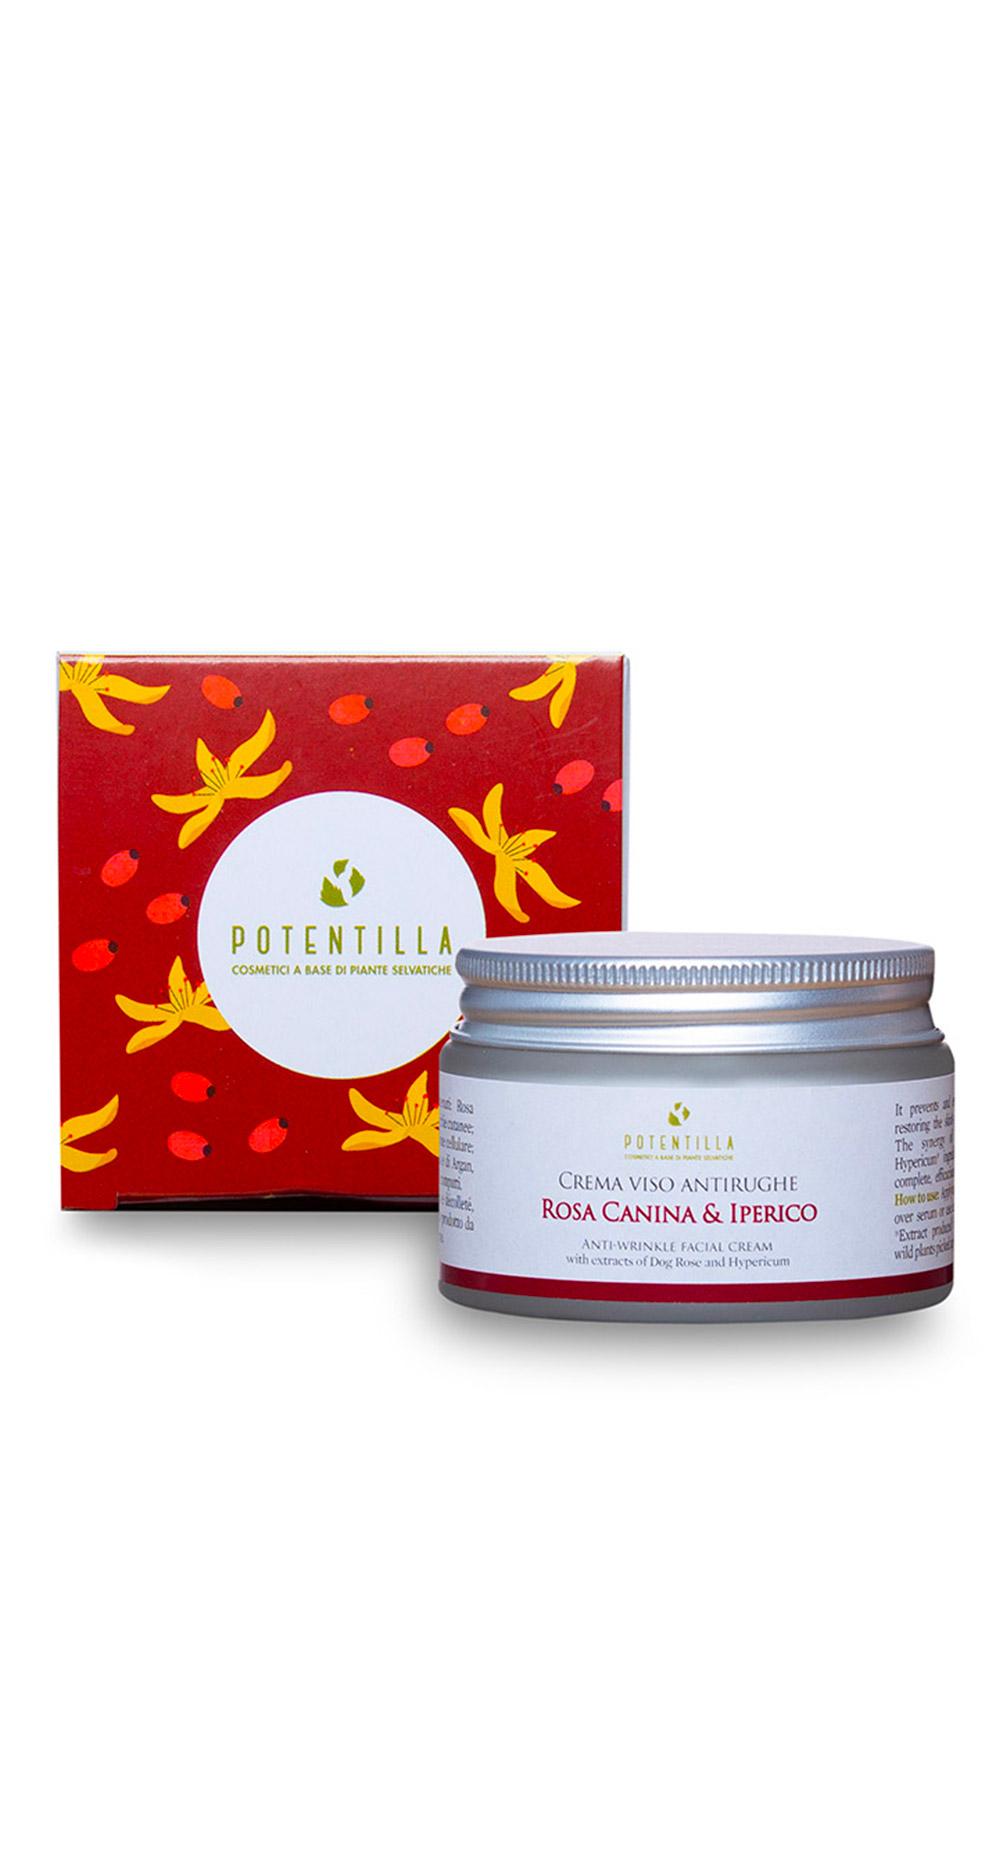 Cosmetici-a-base-di-piante-selvatiche-crema-viso-rosa-canina-e-iperico-plastic-free-new-home